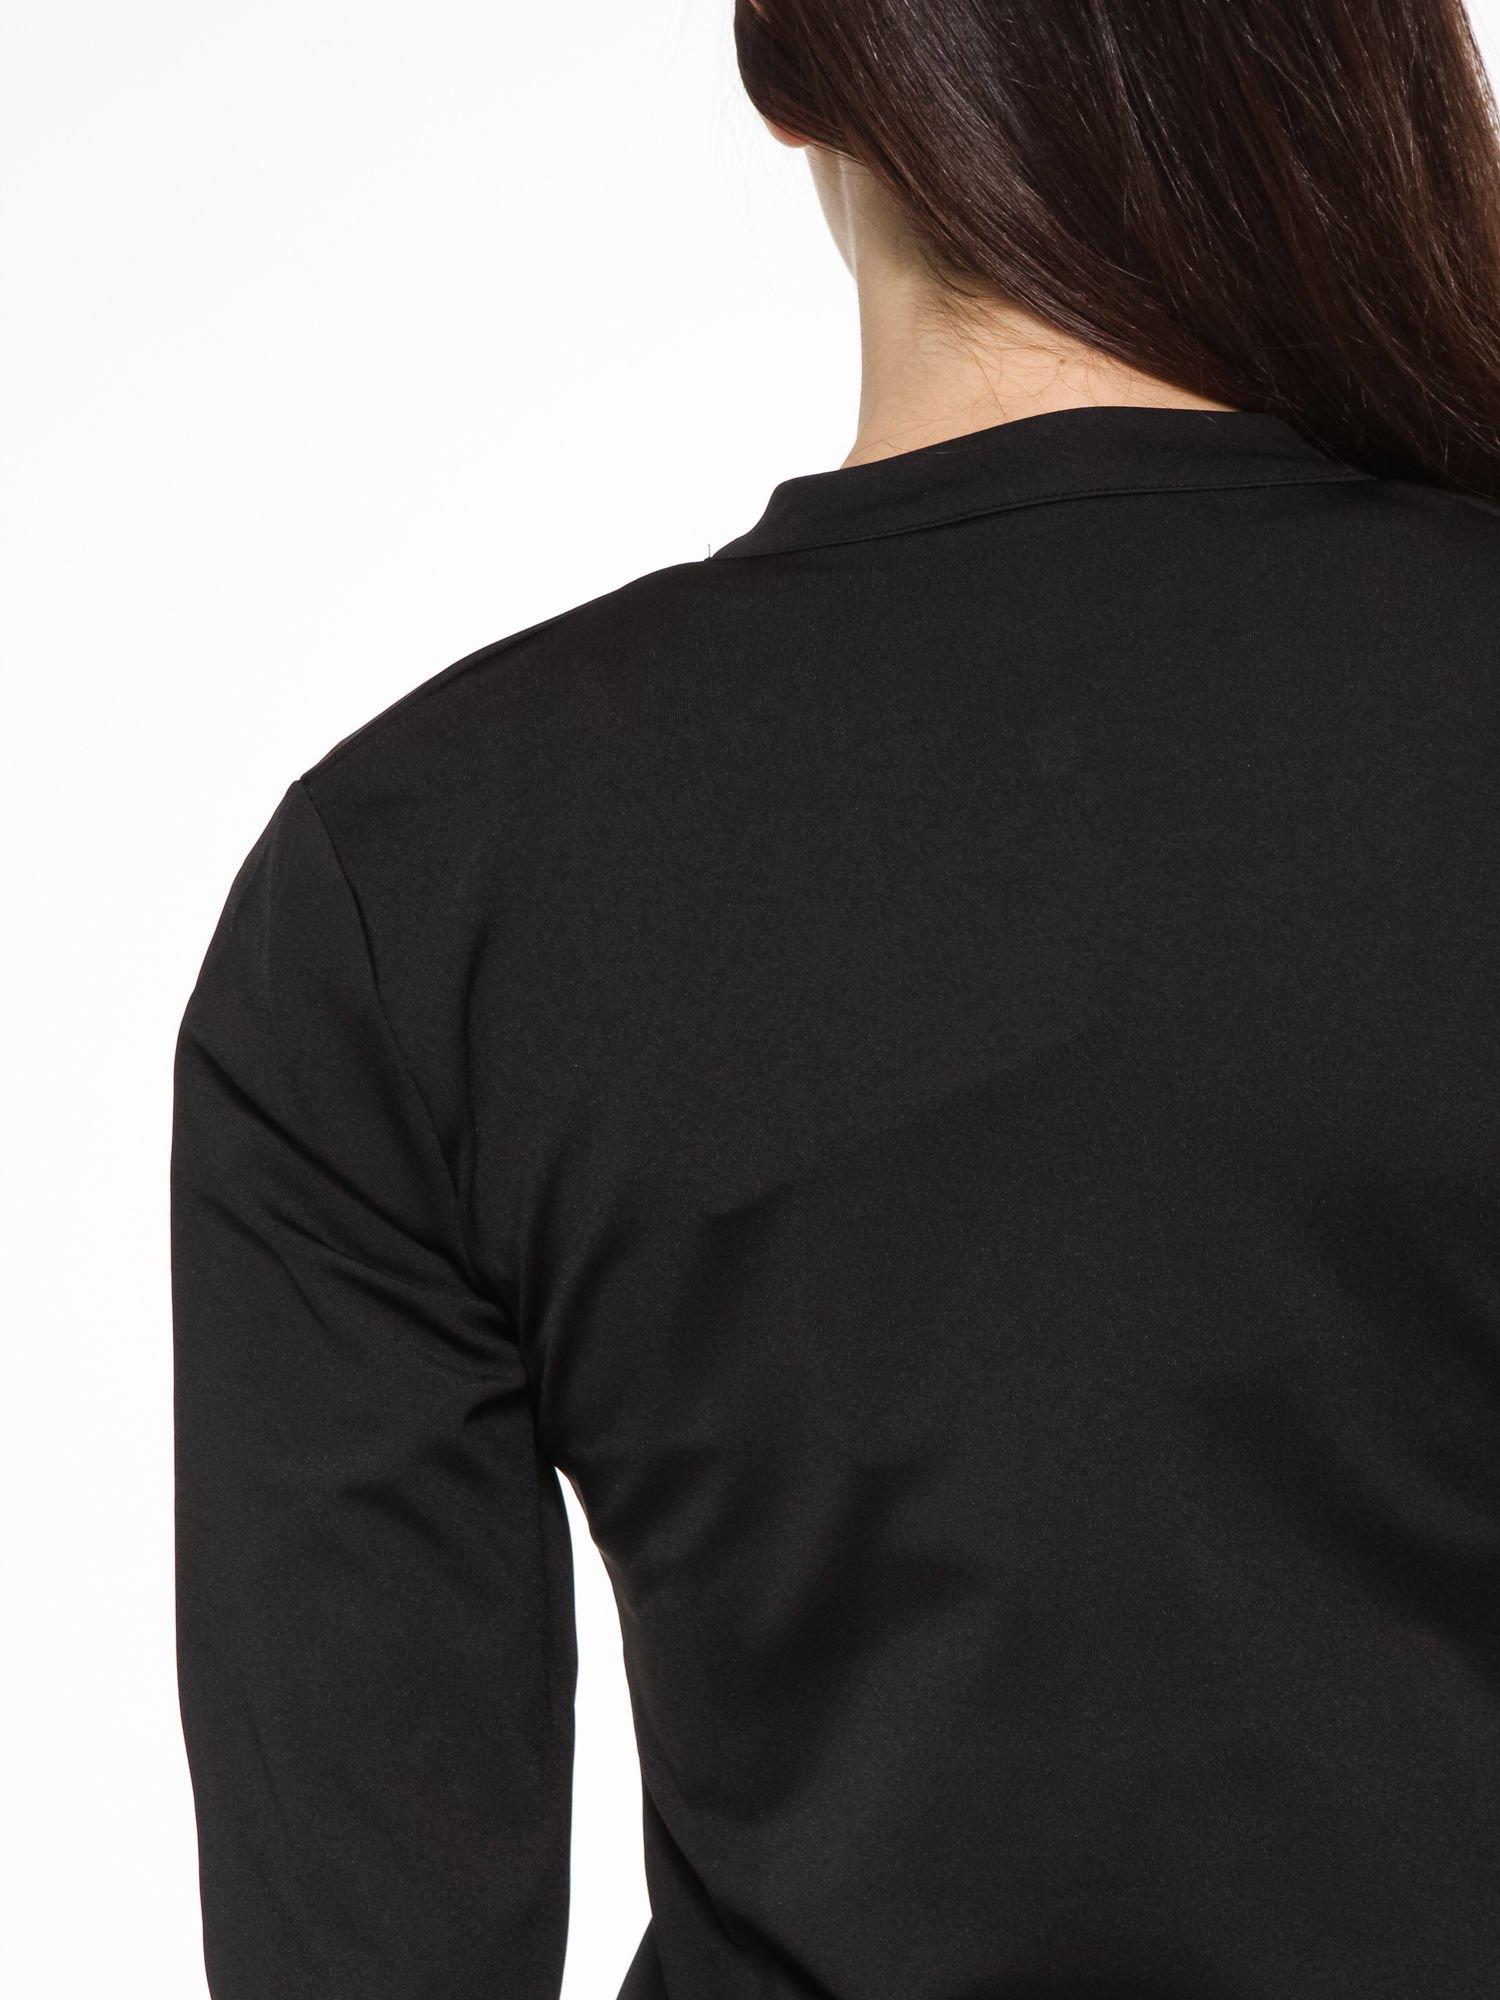 Czarna termoaktywna bluza do biegania z fluozielonymi wstawkami ♦ Performance RUN                                  zdj.                                  10